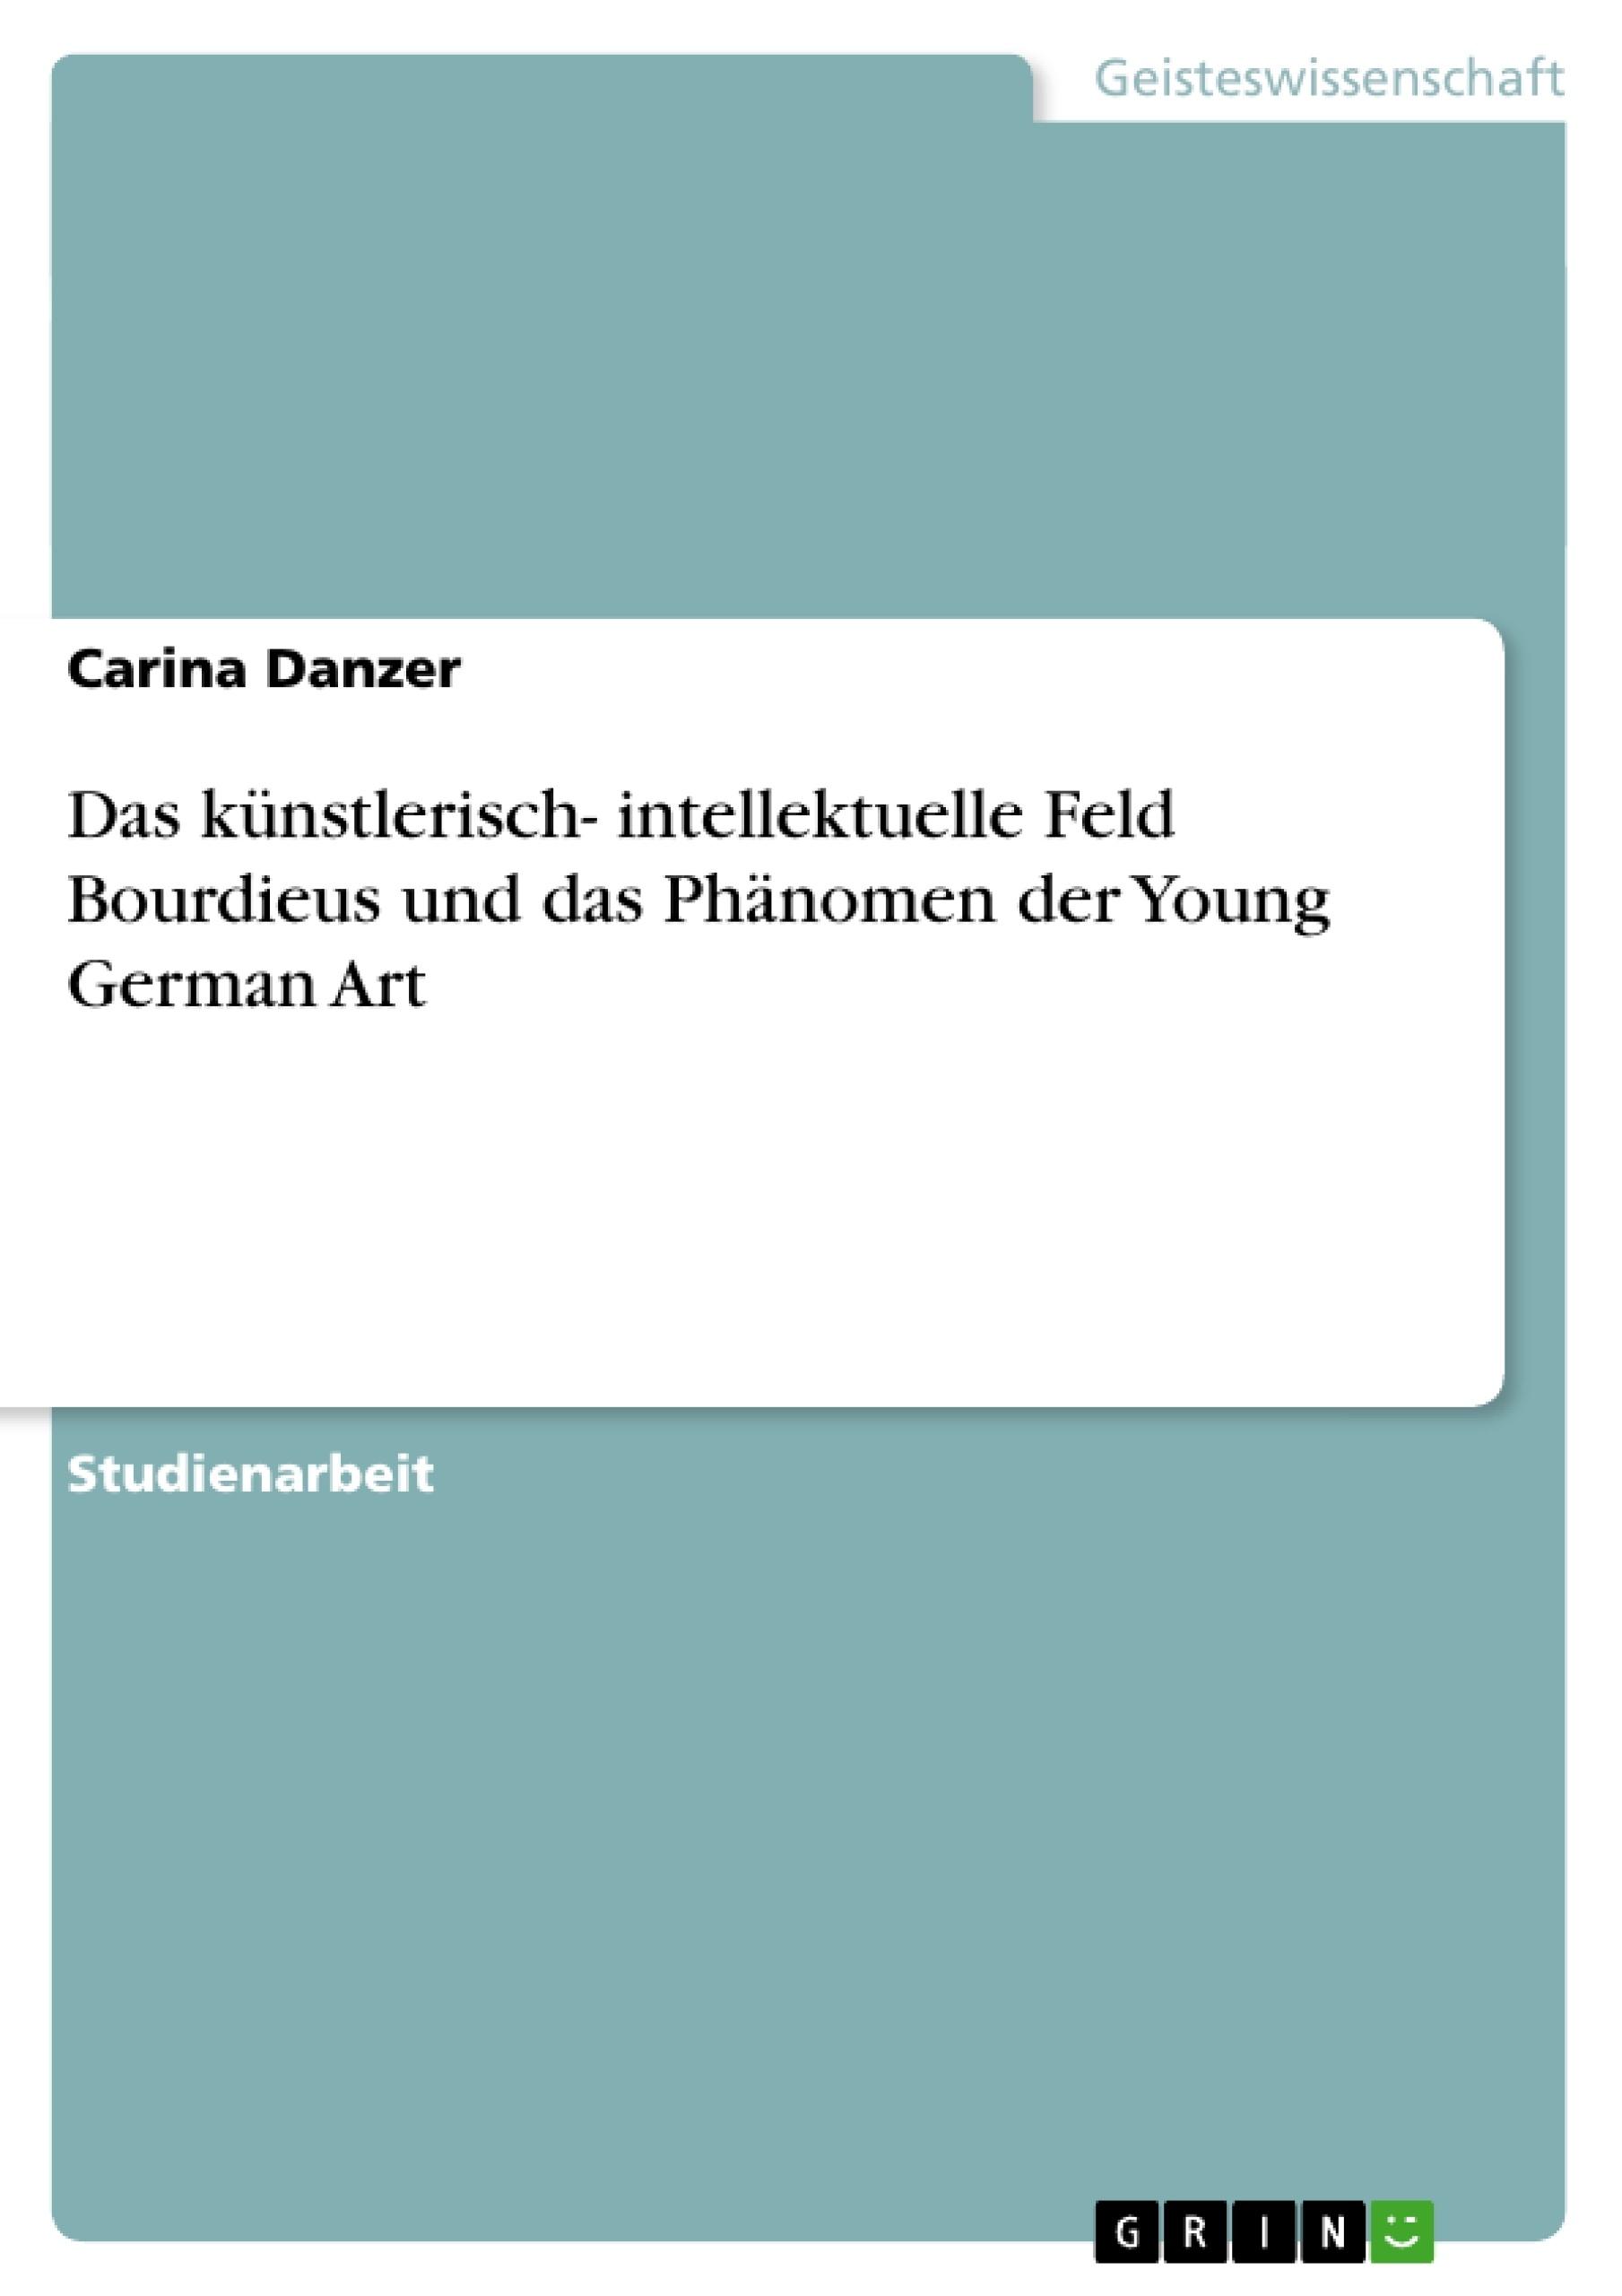 Titel: Das künstlerisch- intellektuelle Feld Bourdieus und das Phänomen der Young German Art